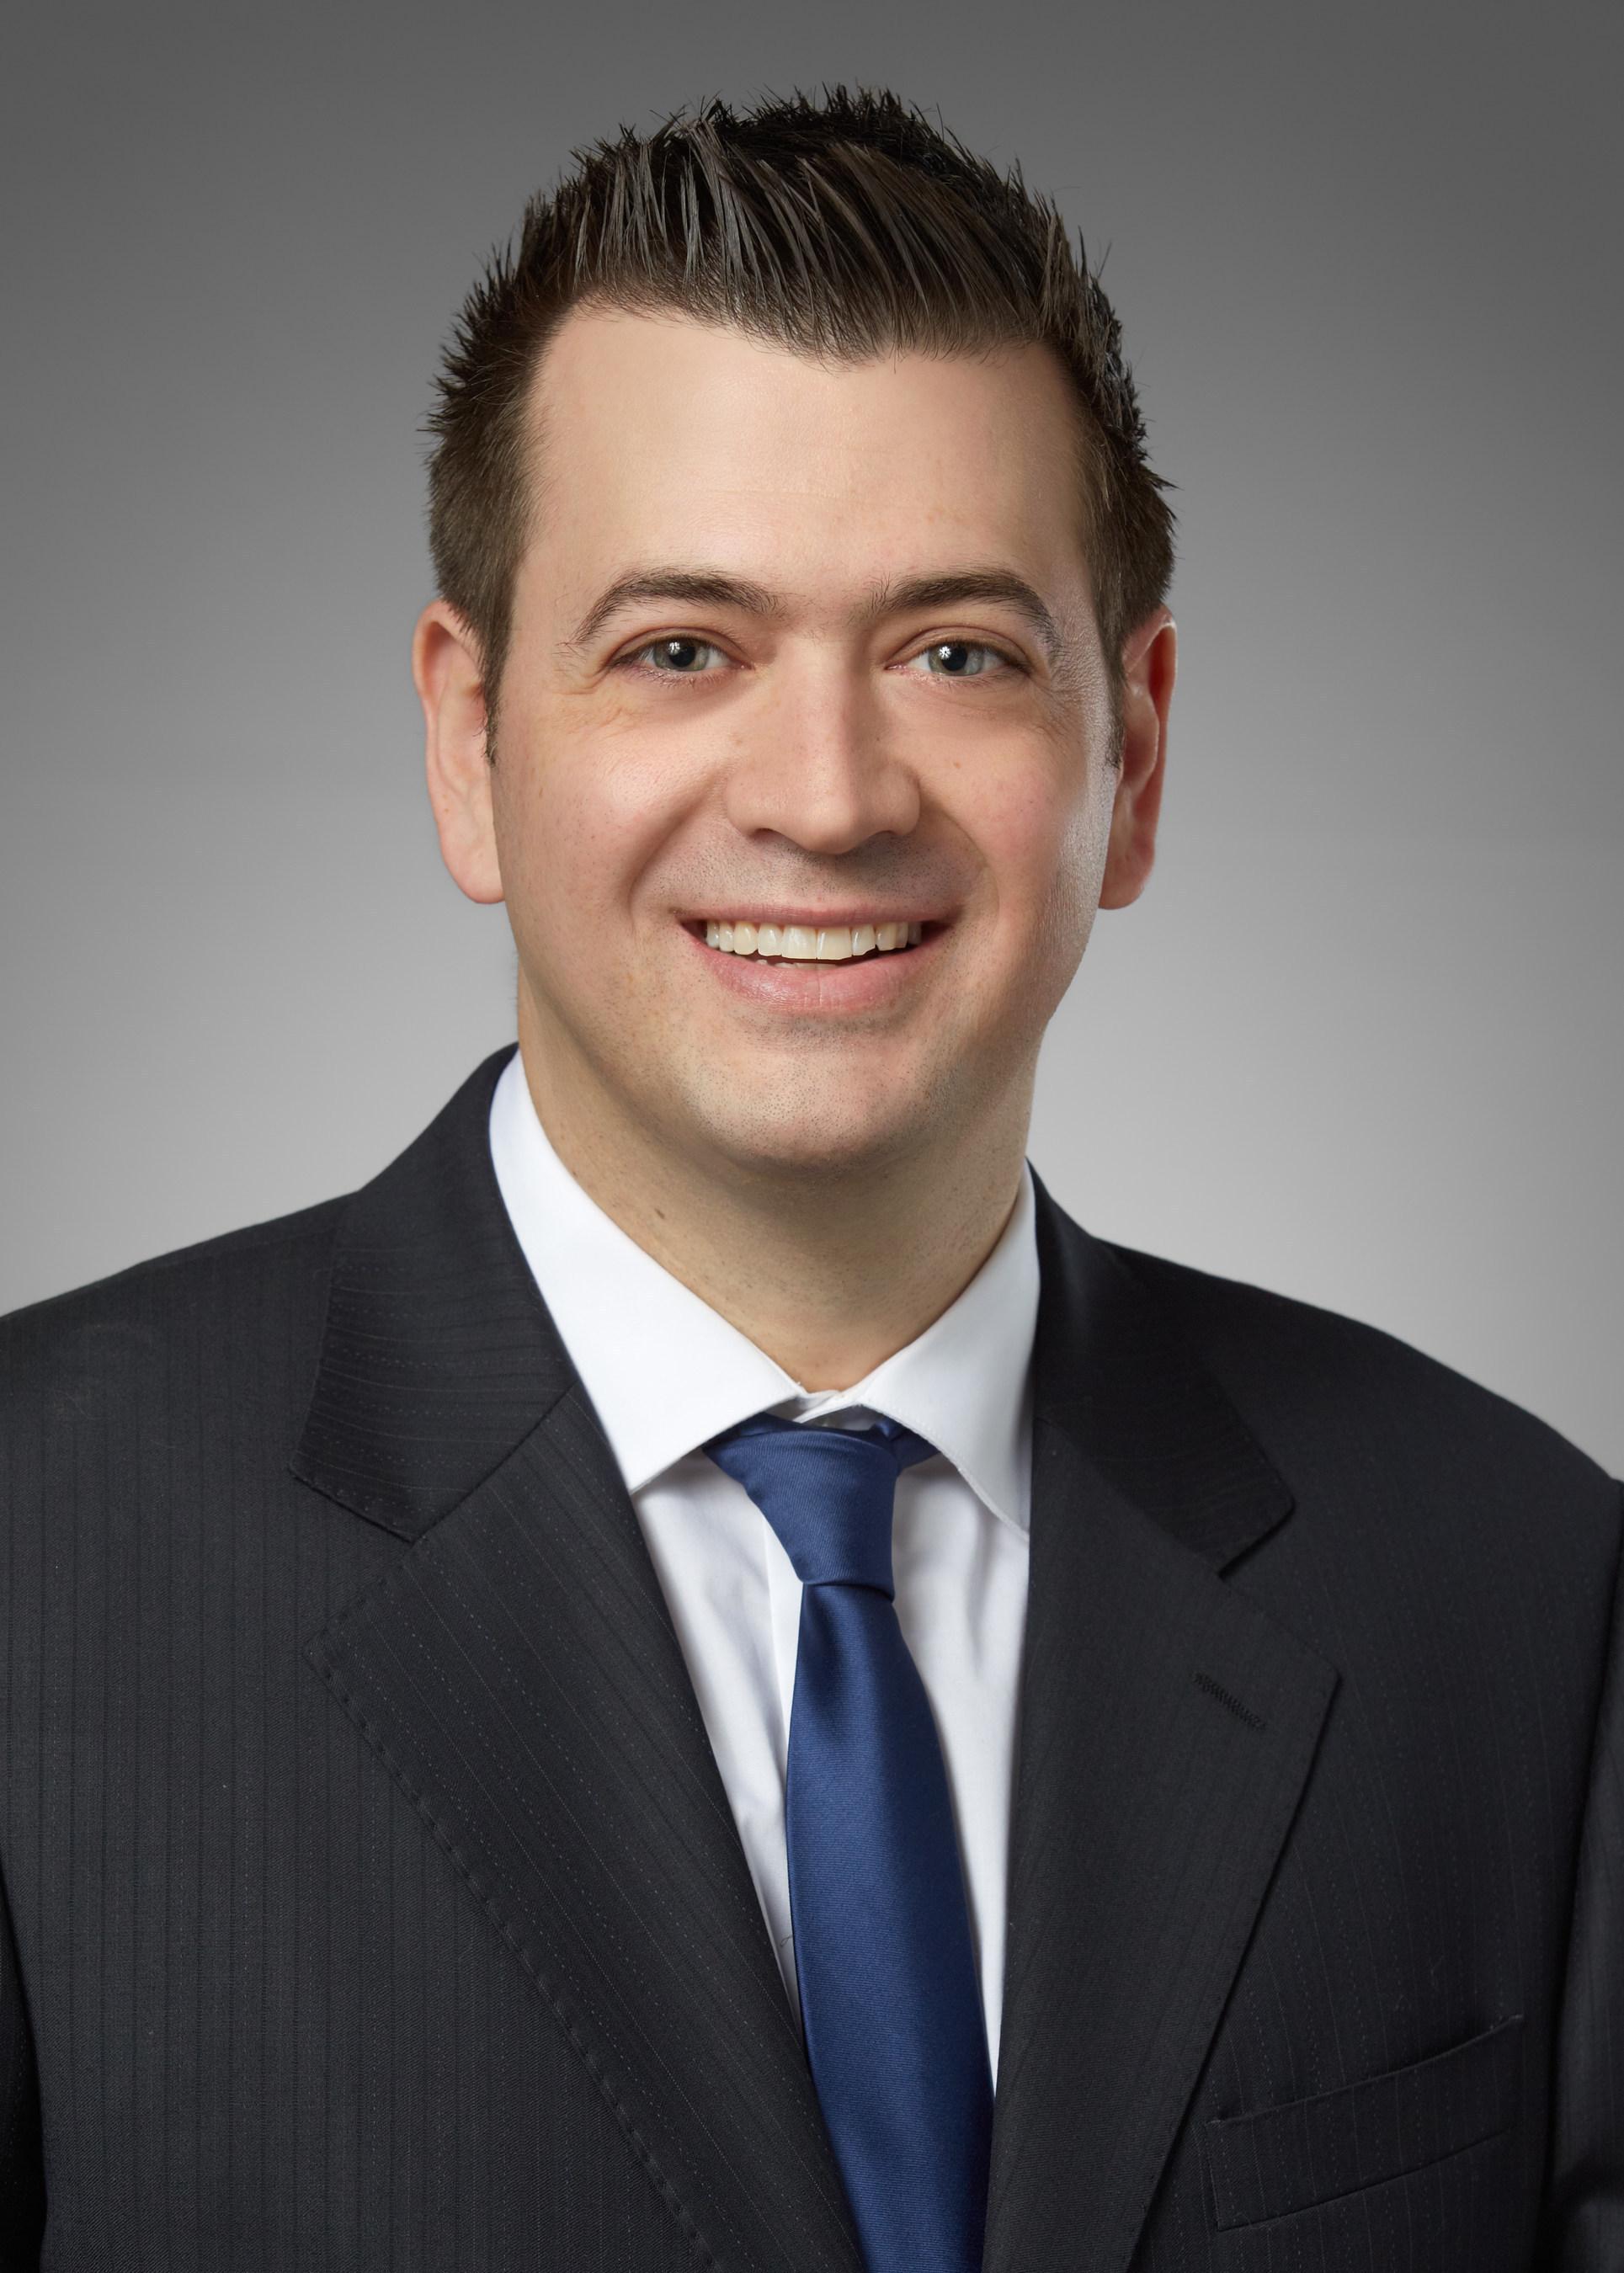 Will Floyd, Vice President of SBA Lending, Celtic Bank